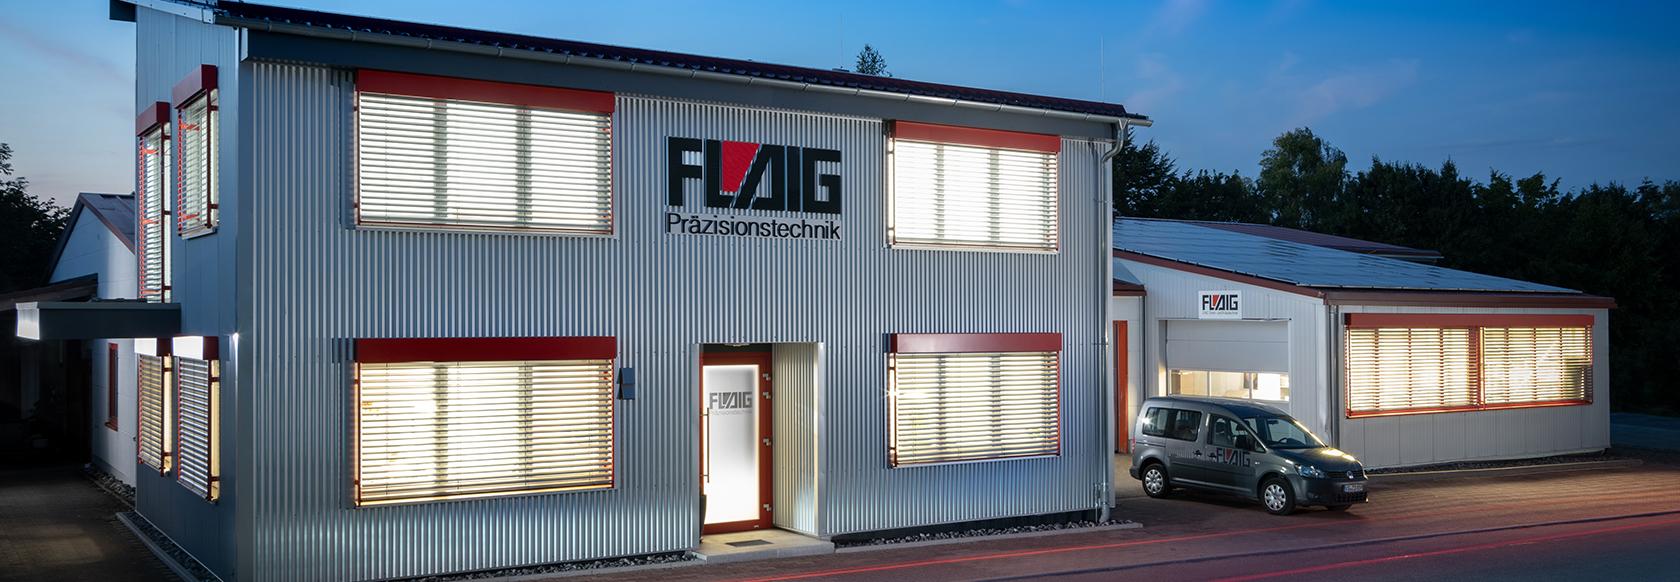 Außenansicht des Firmengebäudes Flaig Präzesionstechnik